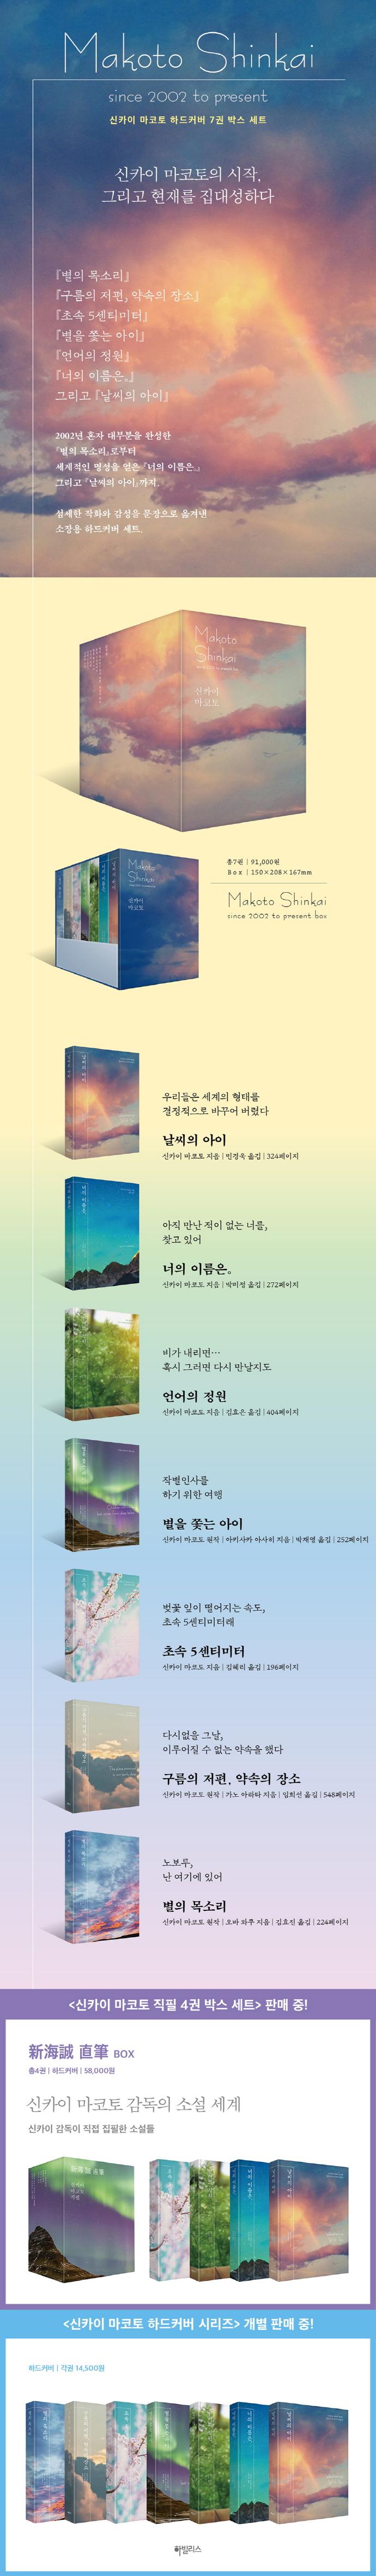 신카이 마코토 박스 세트(리커버)(양장본 HardCover)(전7권) 도서 상세이미지